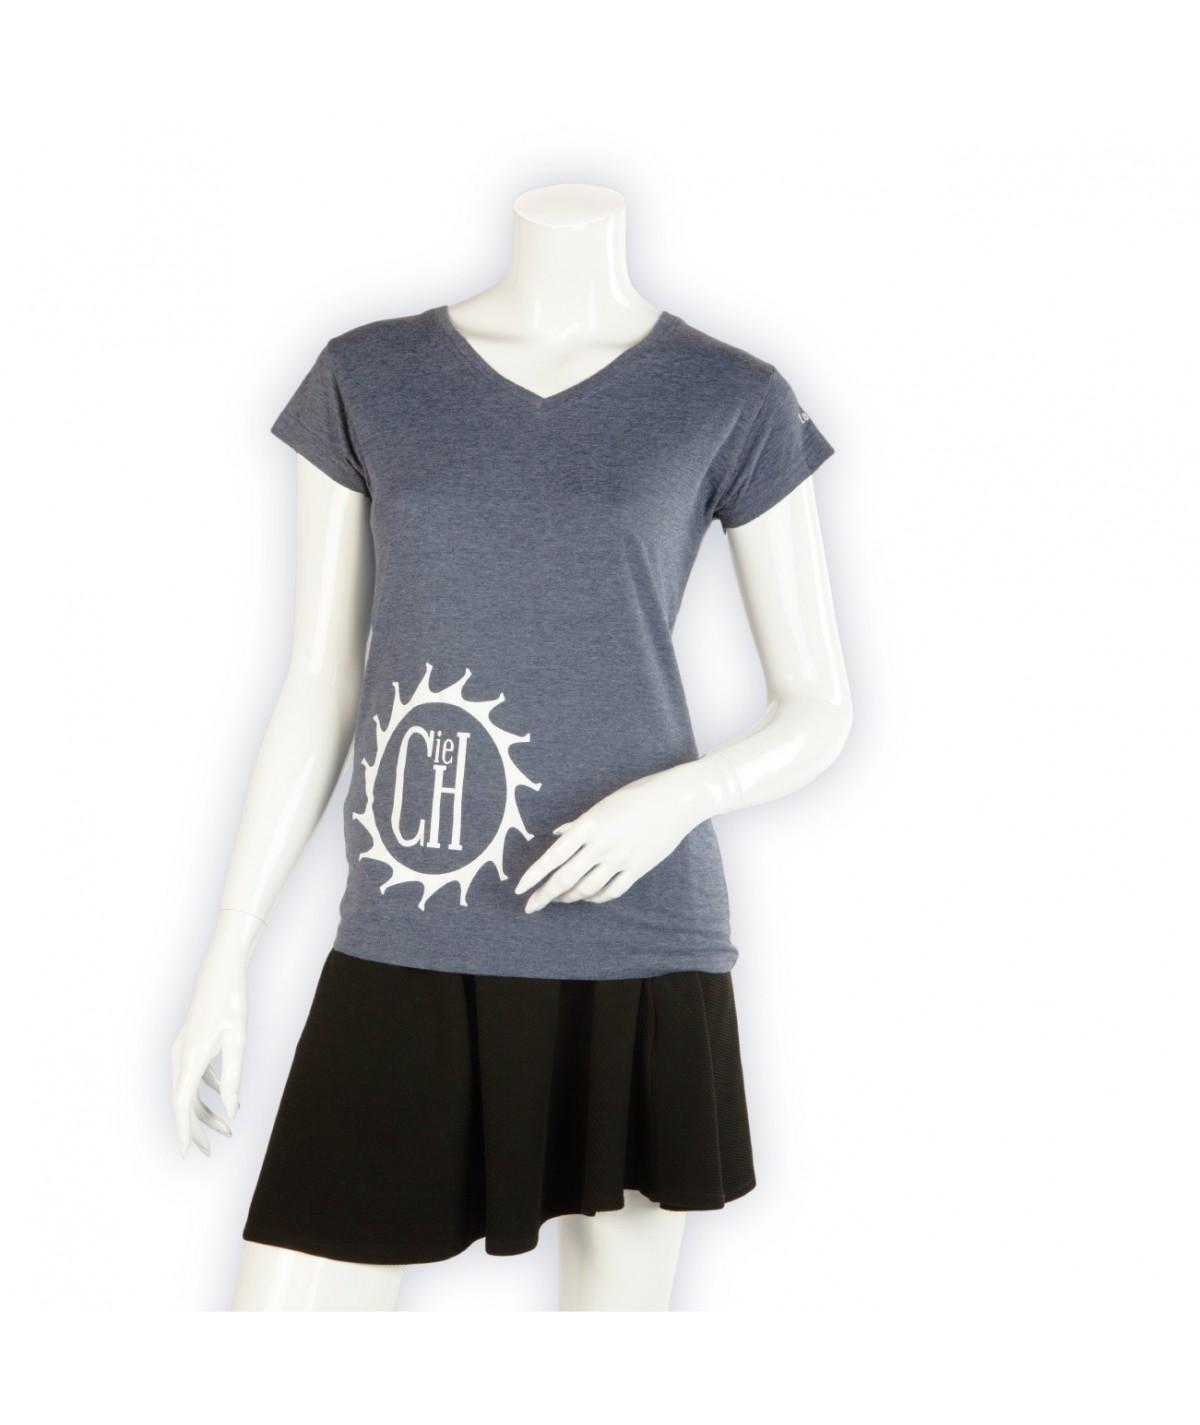 T-shirt La Cie des Horlogers, Collection PLATINE, bleu gris. Vue de face.